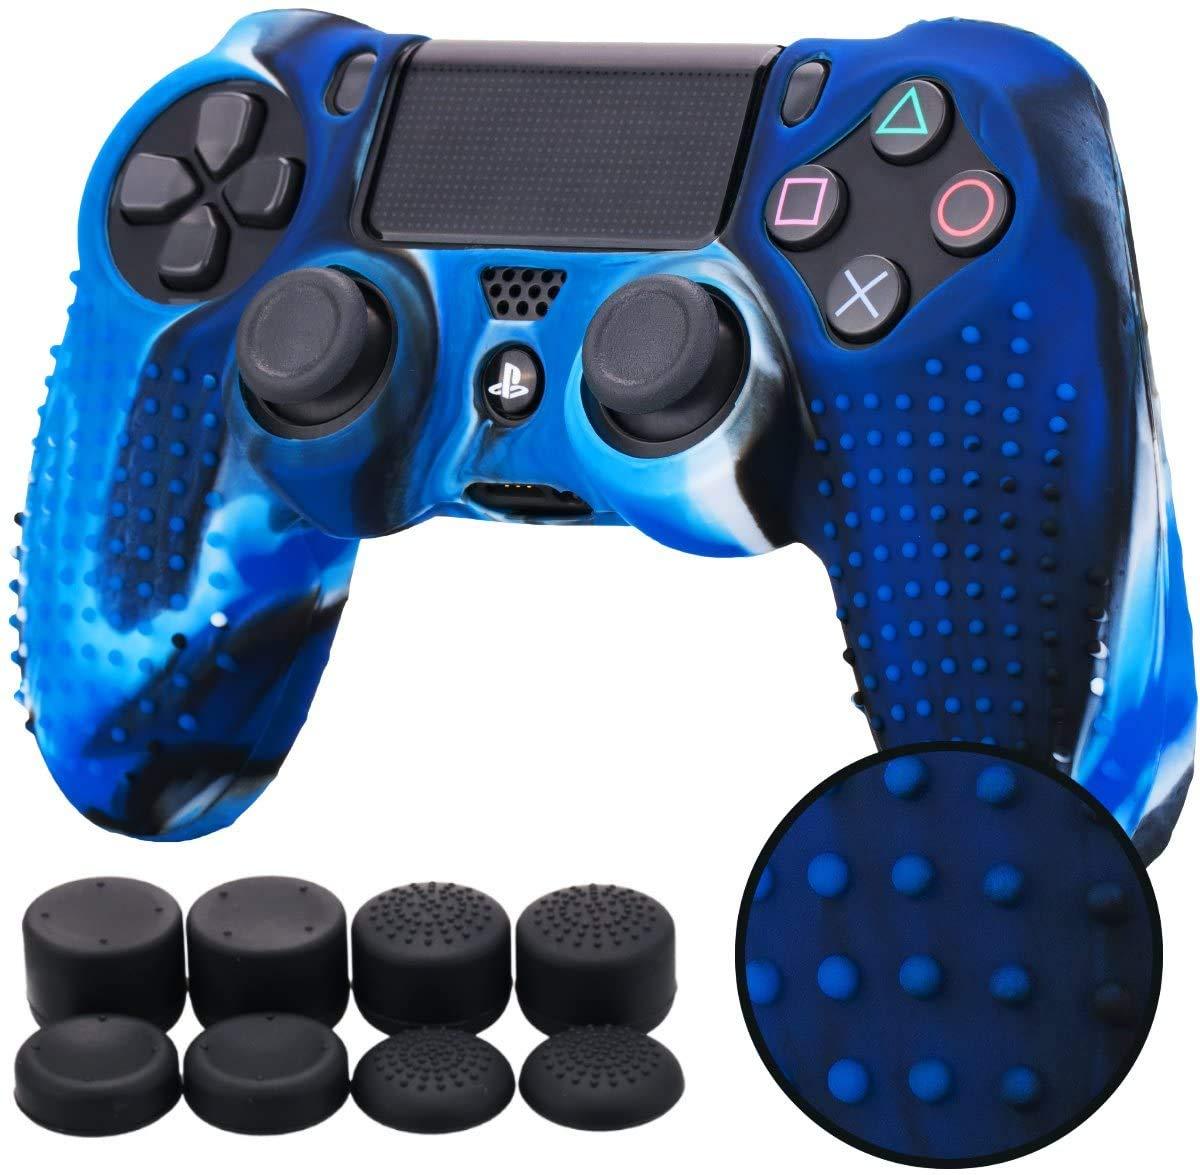 YoRHa Tachonado silicona caso piel Fundas protectores cubierta para Sony PS4/slim/Pro Mando x 1 (Camuflaje azul) Con PRO los puños pulgar thumb gripsx 8: Amazon.es: Videojuegos